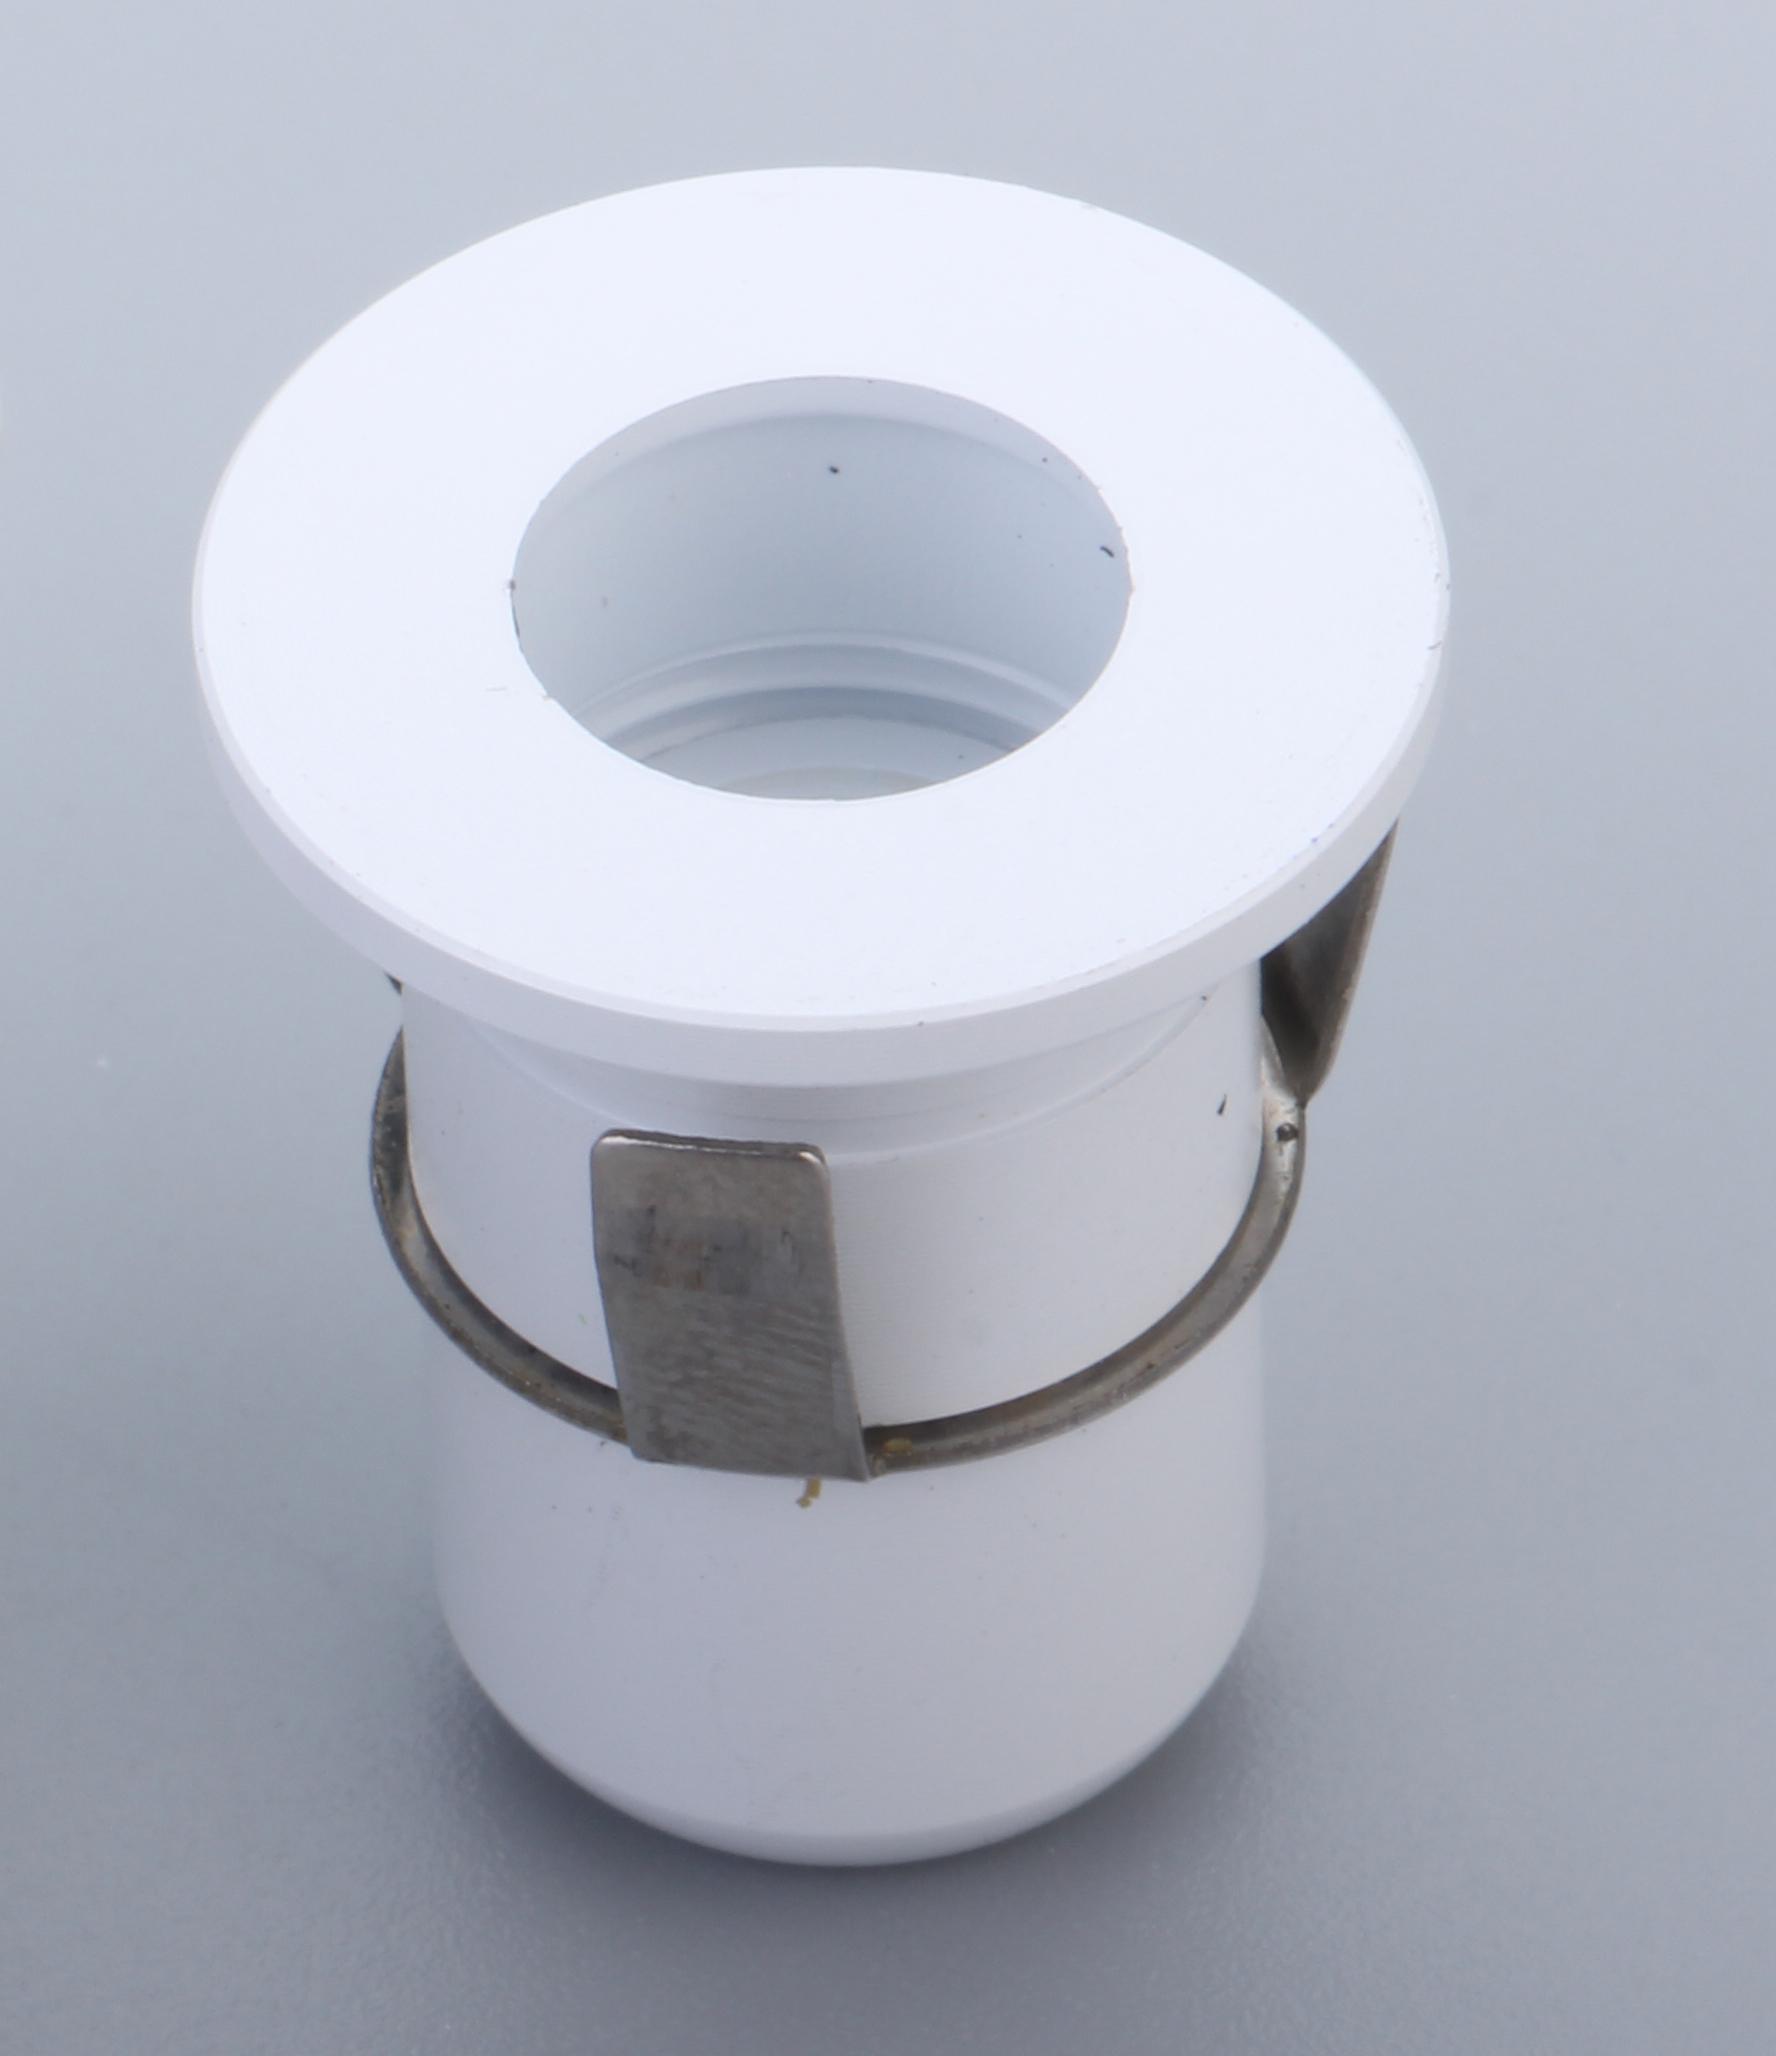 Wholesale spot mini downlight, energy saving price cabinet led mini spot light 1w 3w 5w